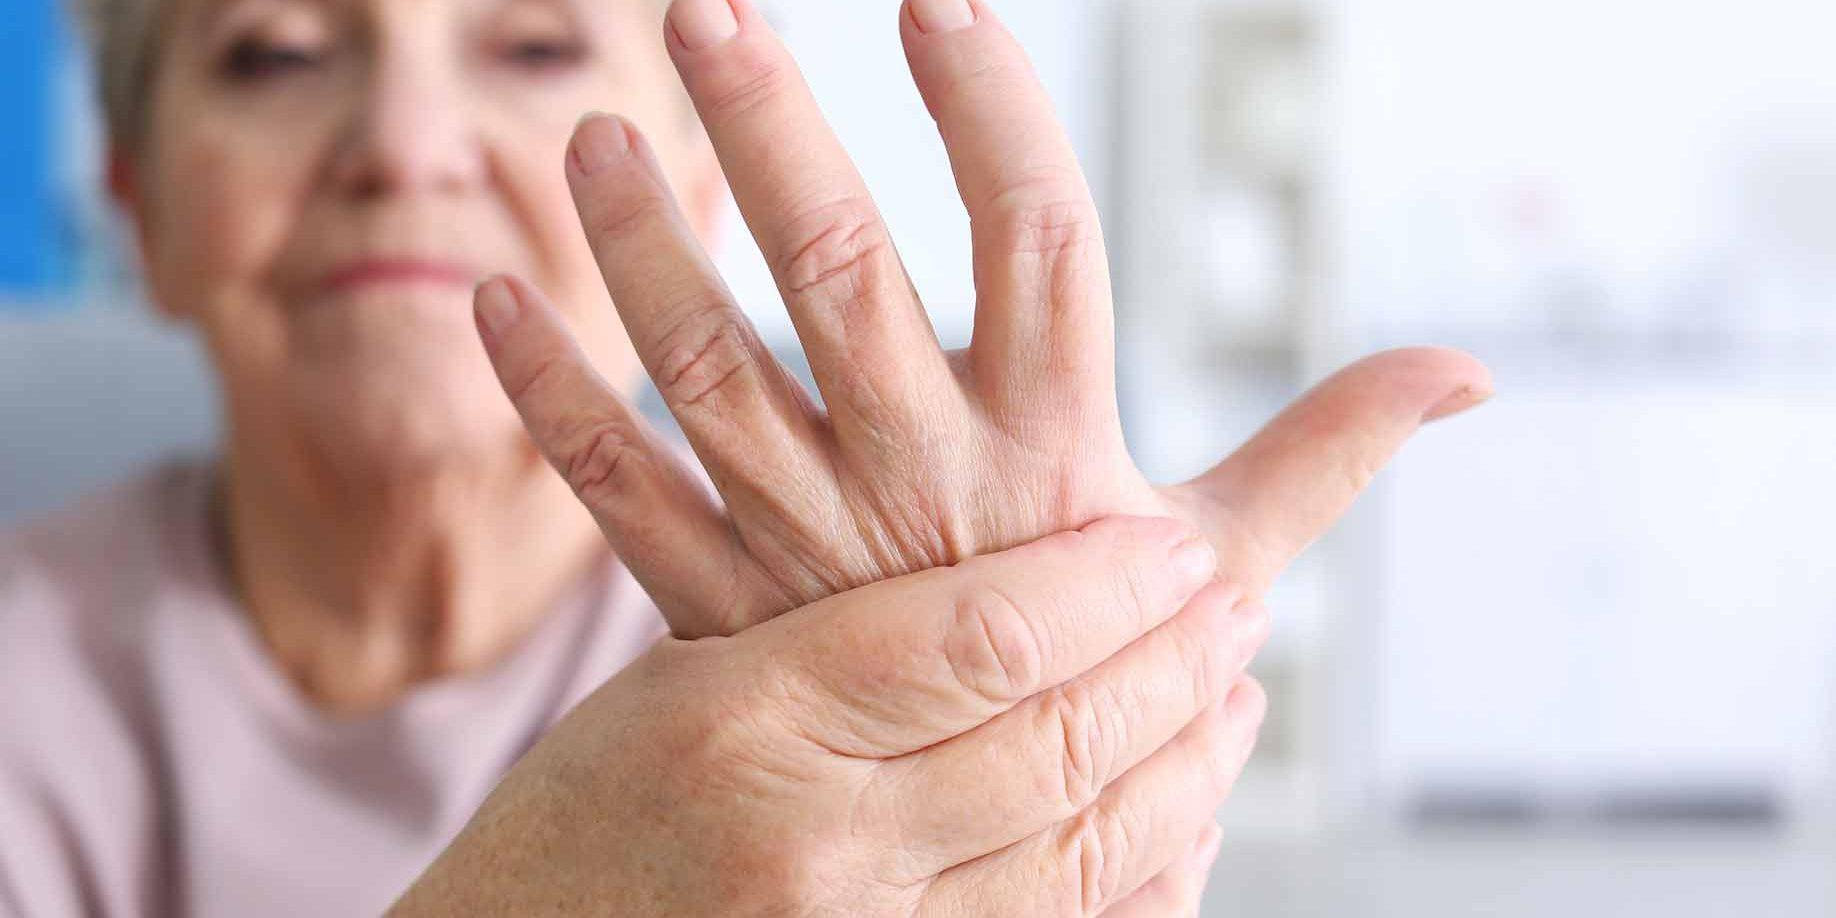 nuo kurios priklauso sąnarių gydymo kaip pašalinti patinimas su rankomis artritas